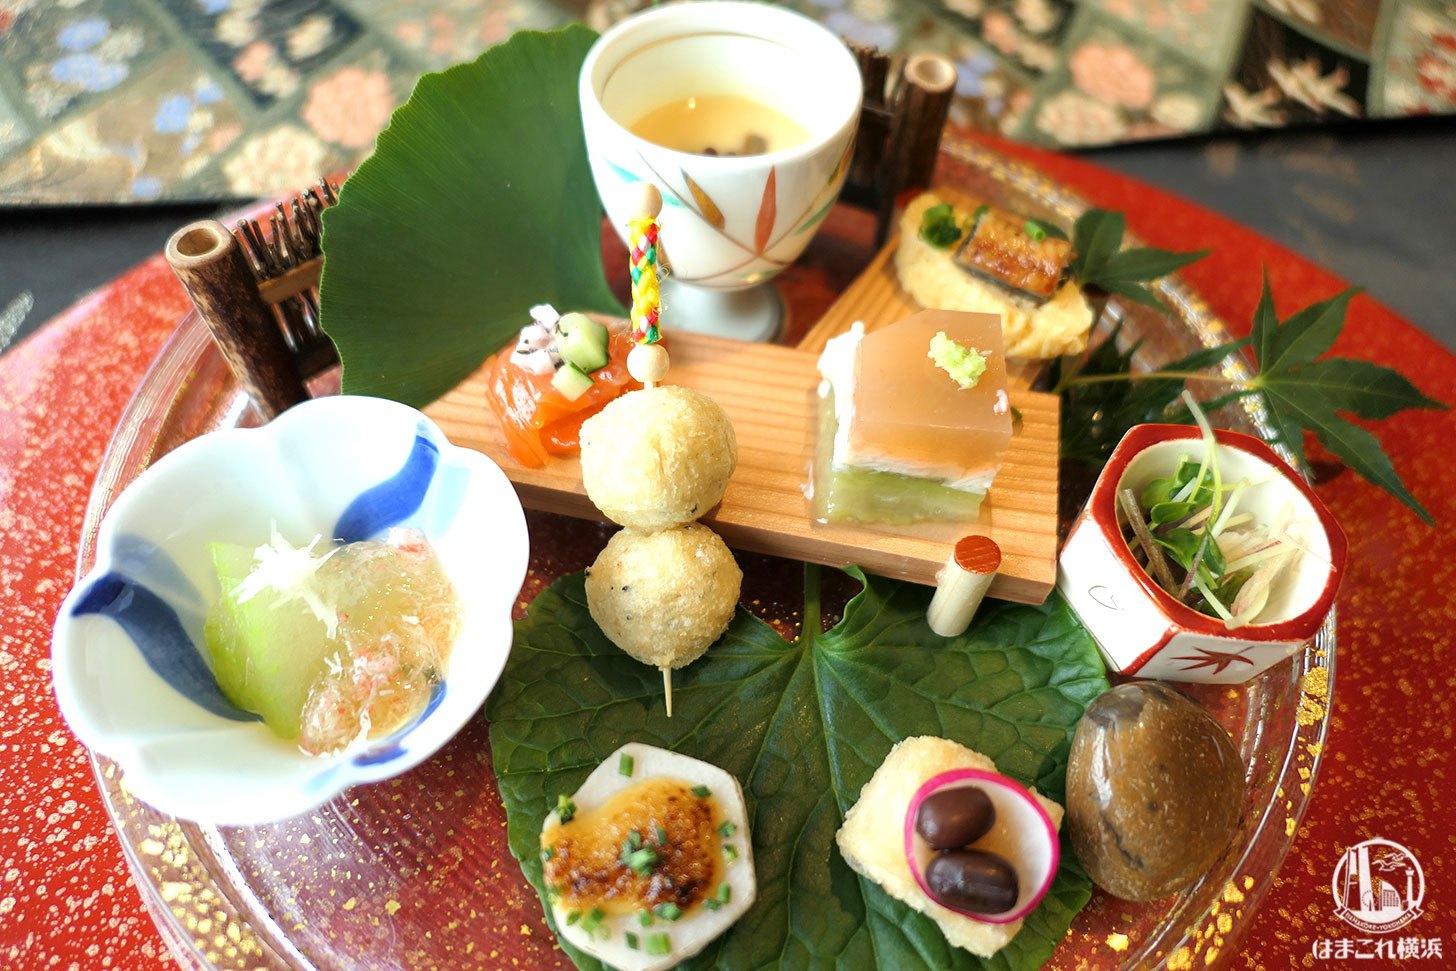 横浜 星のなる木で大人女子会ランチ!お得なランチコースの料理と眺めが良すぎて会話も弾む